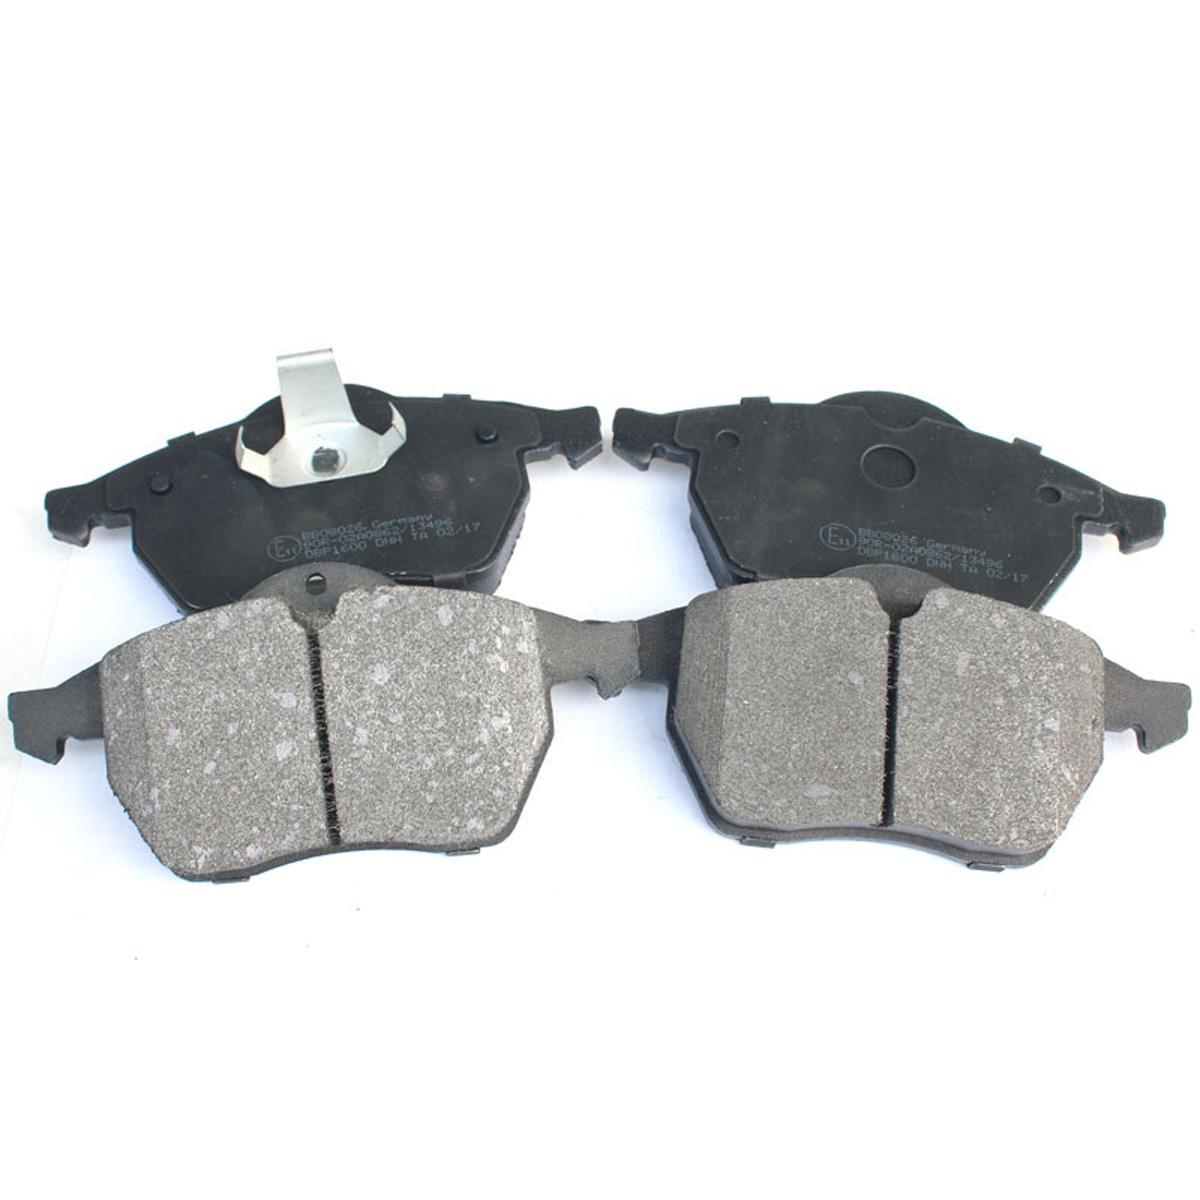 Bremsbelagsatz, Scheibenbremse, Vorderachse für Opel, Saab, BB08026